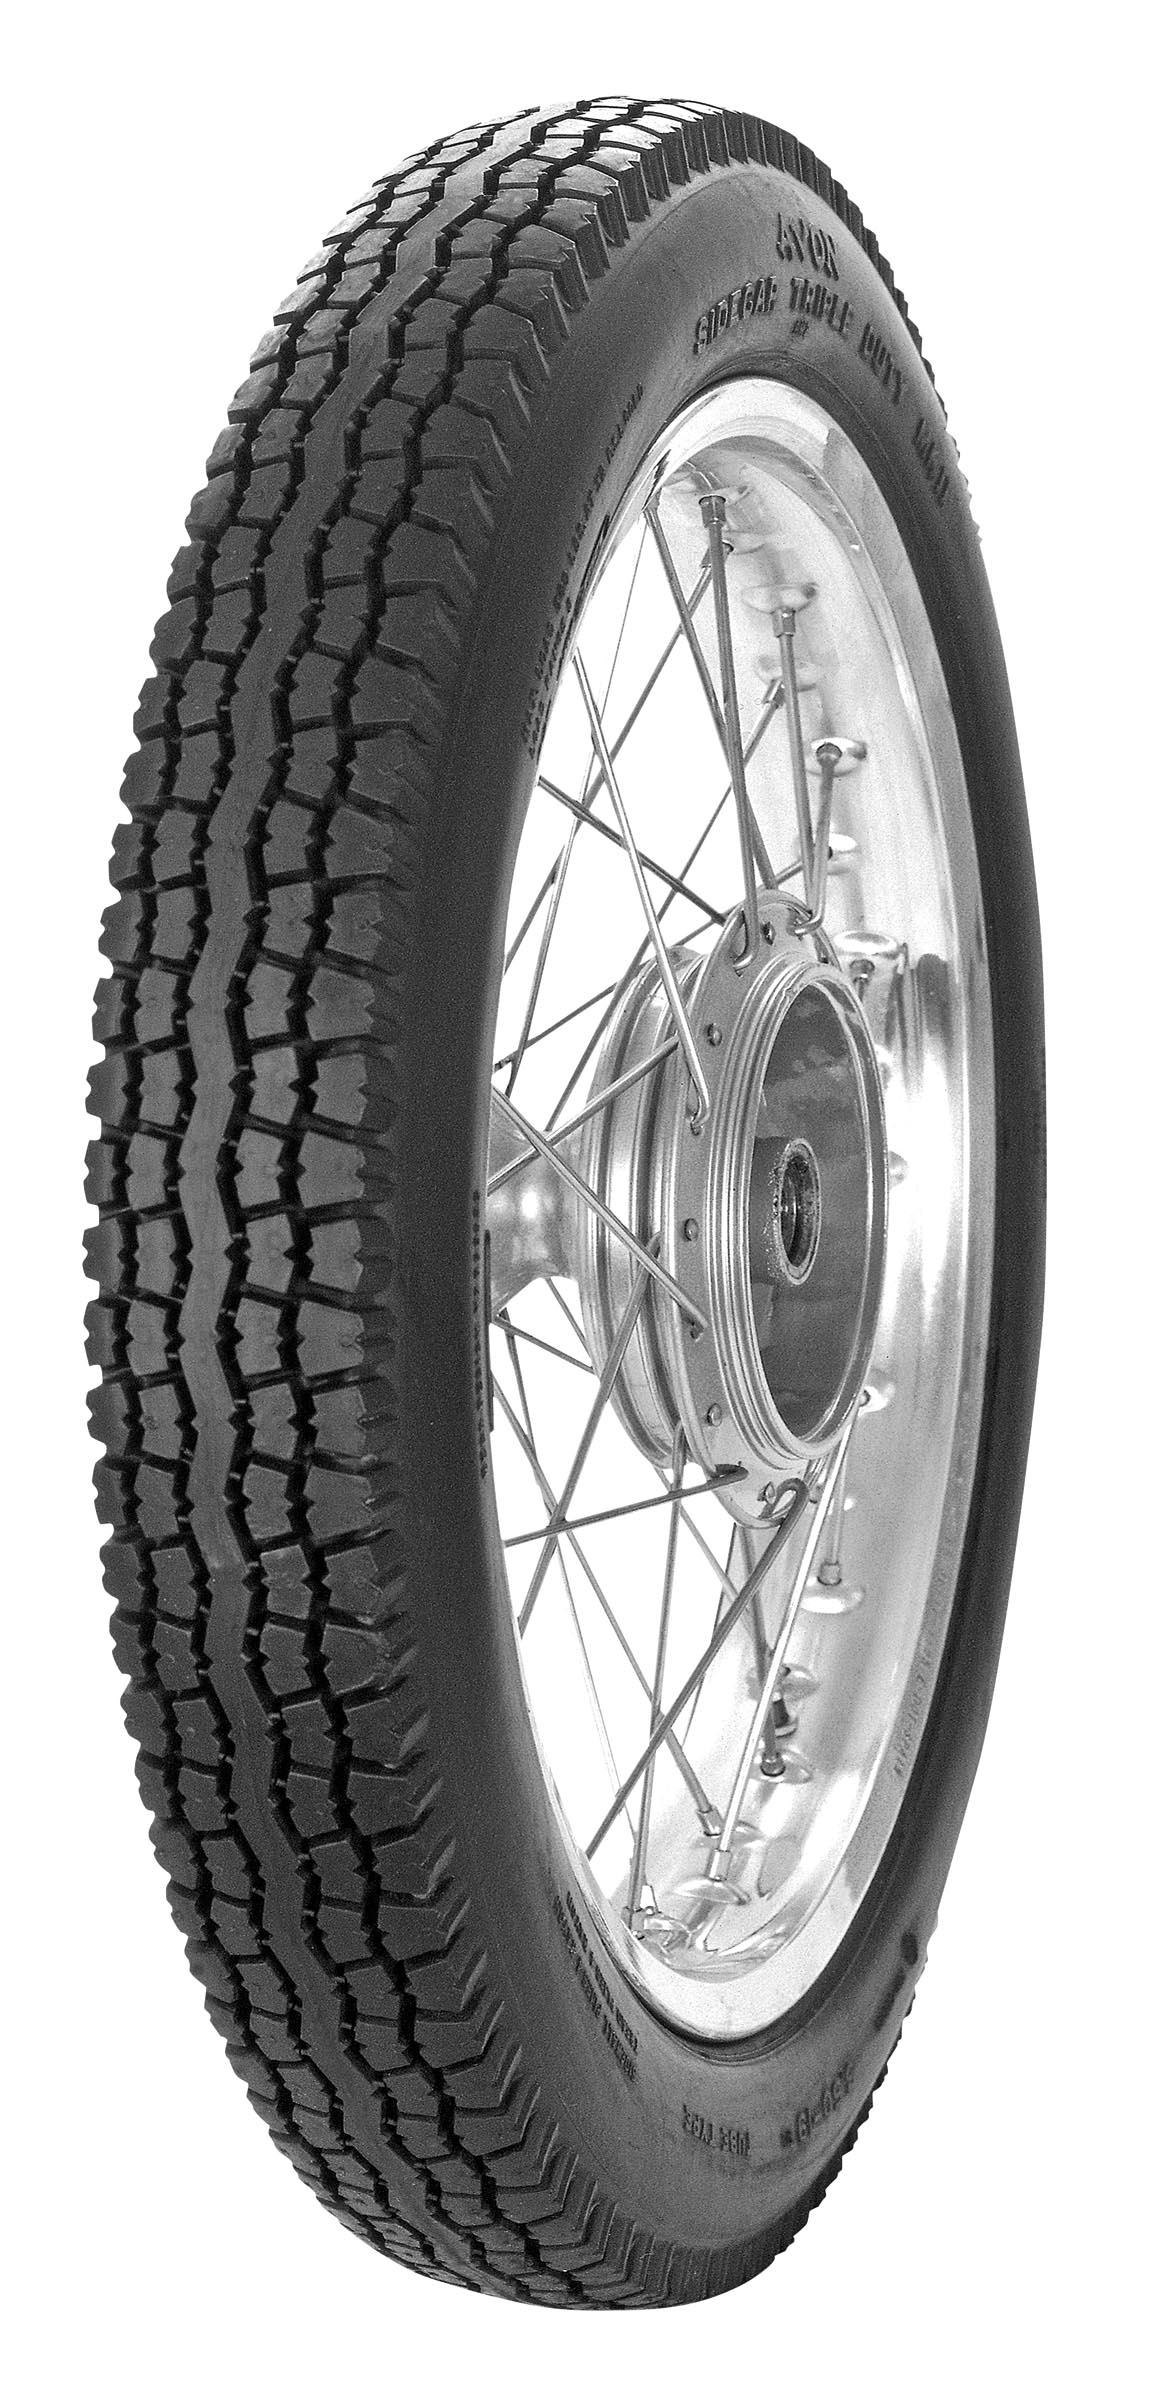 Sidecar Triple Duty Tire